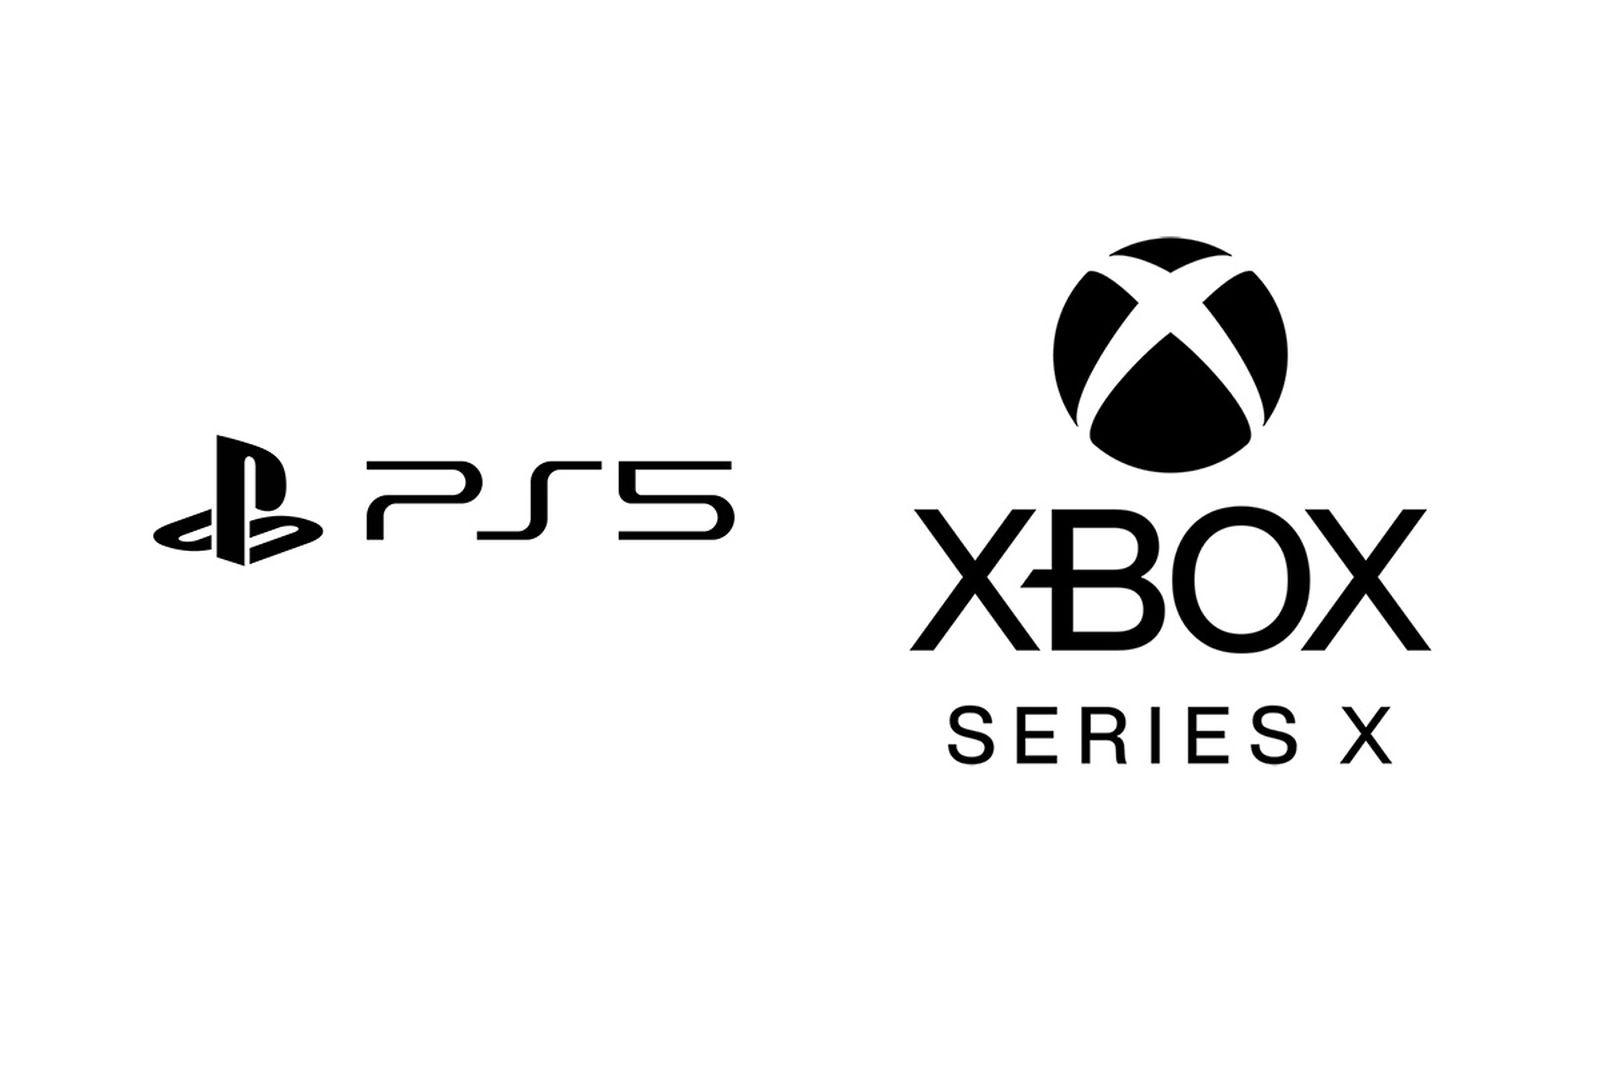 ps5-vs-xbox-series-x-specs-01